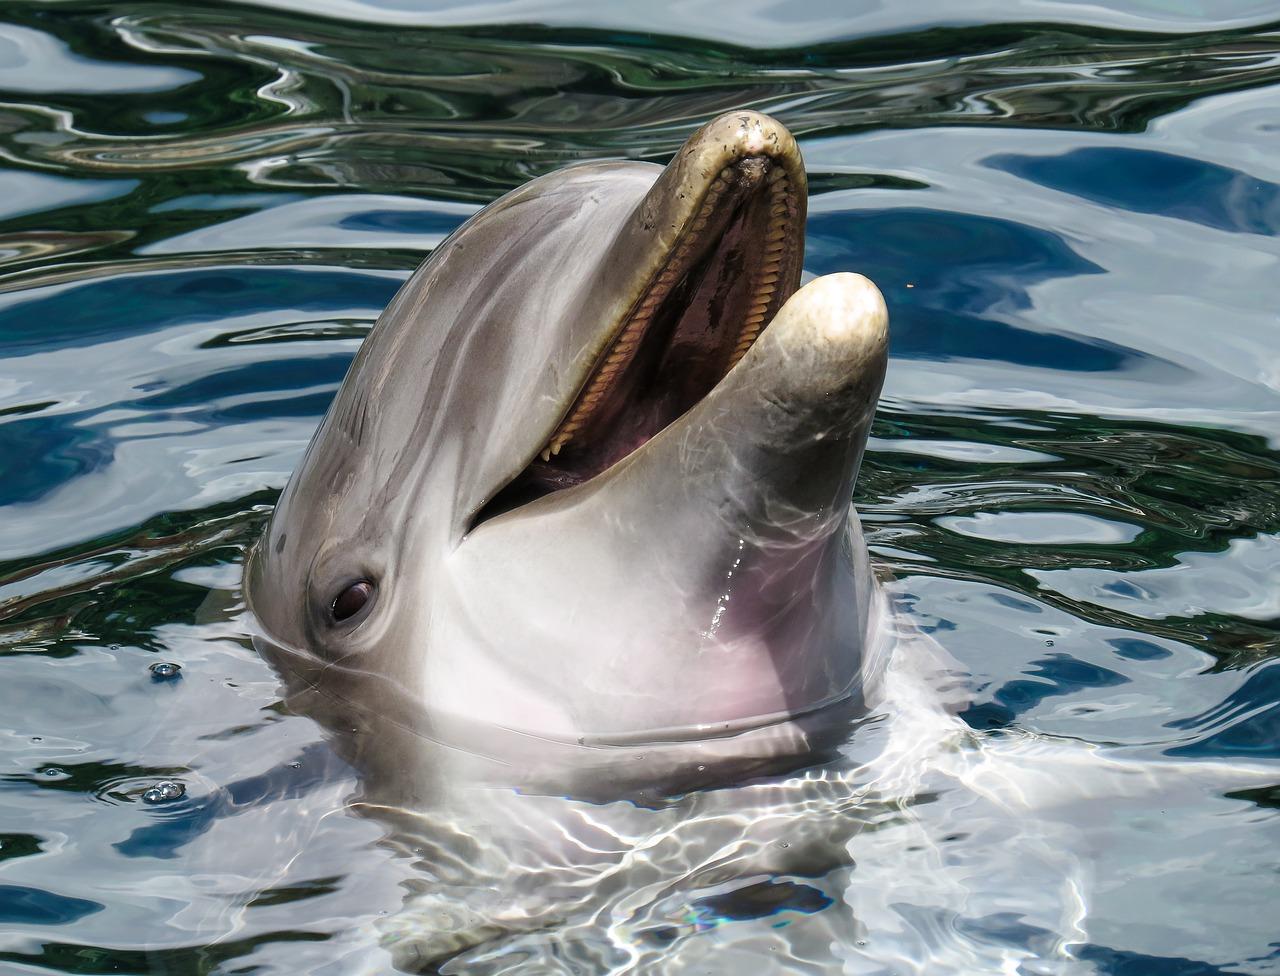 dolphin-1611509_1280.jpg